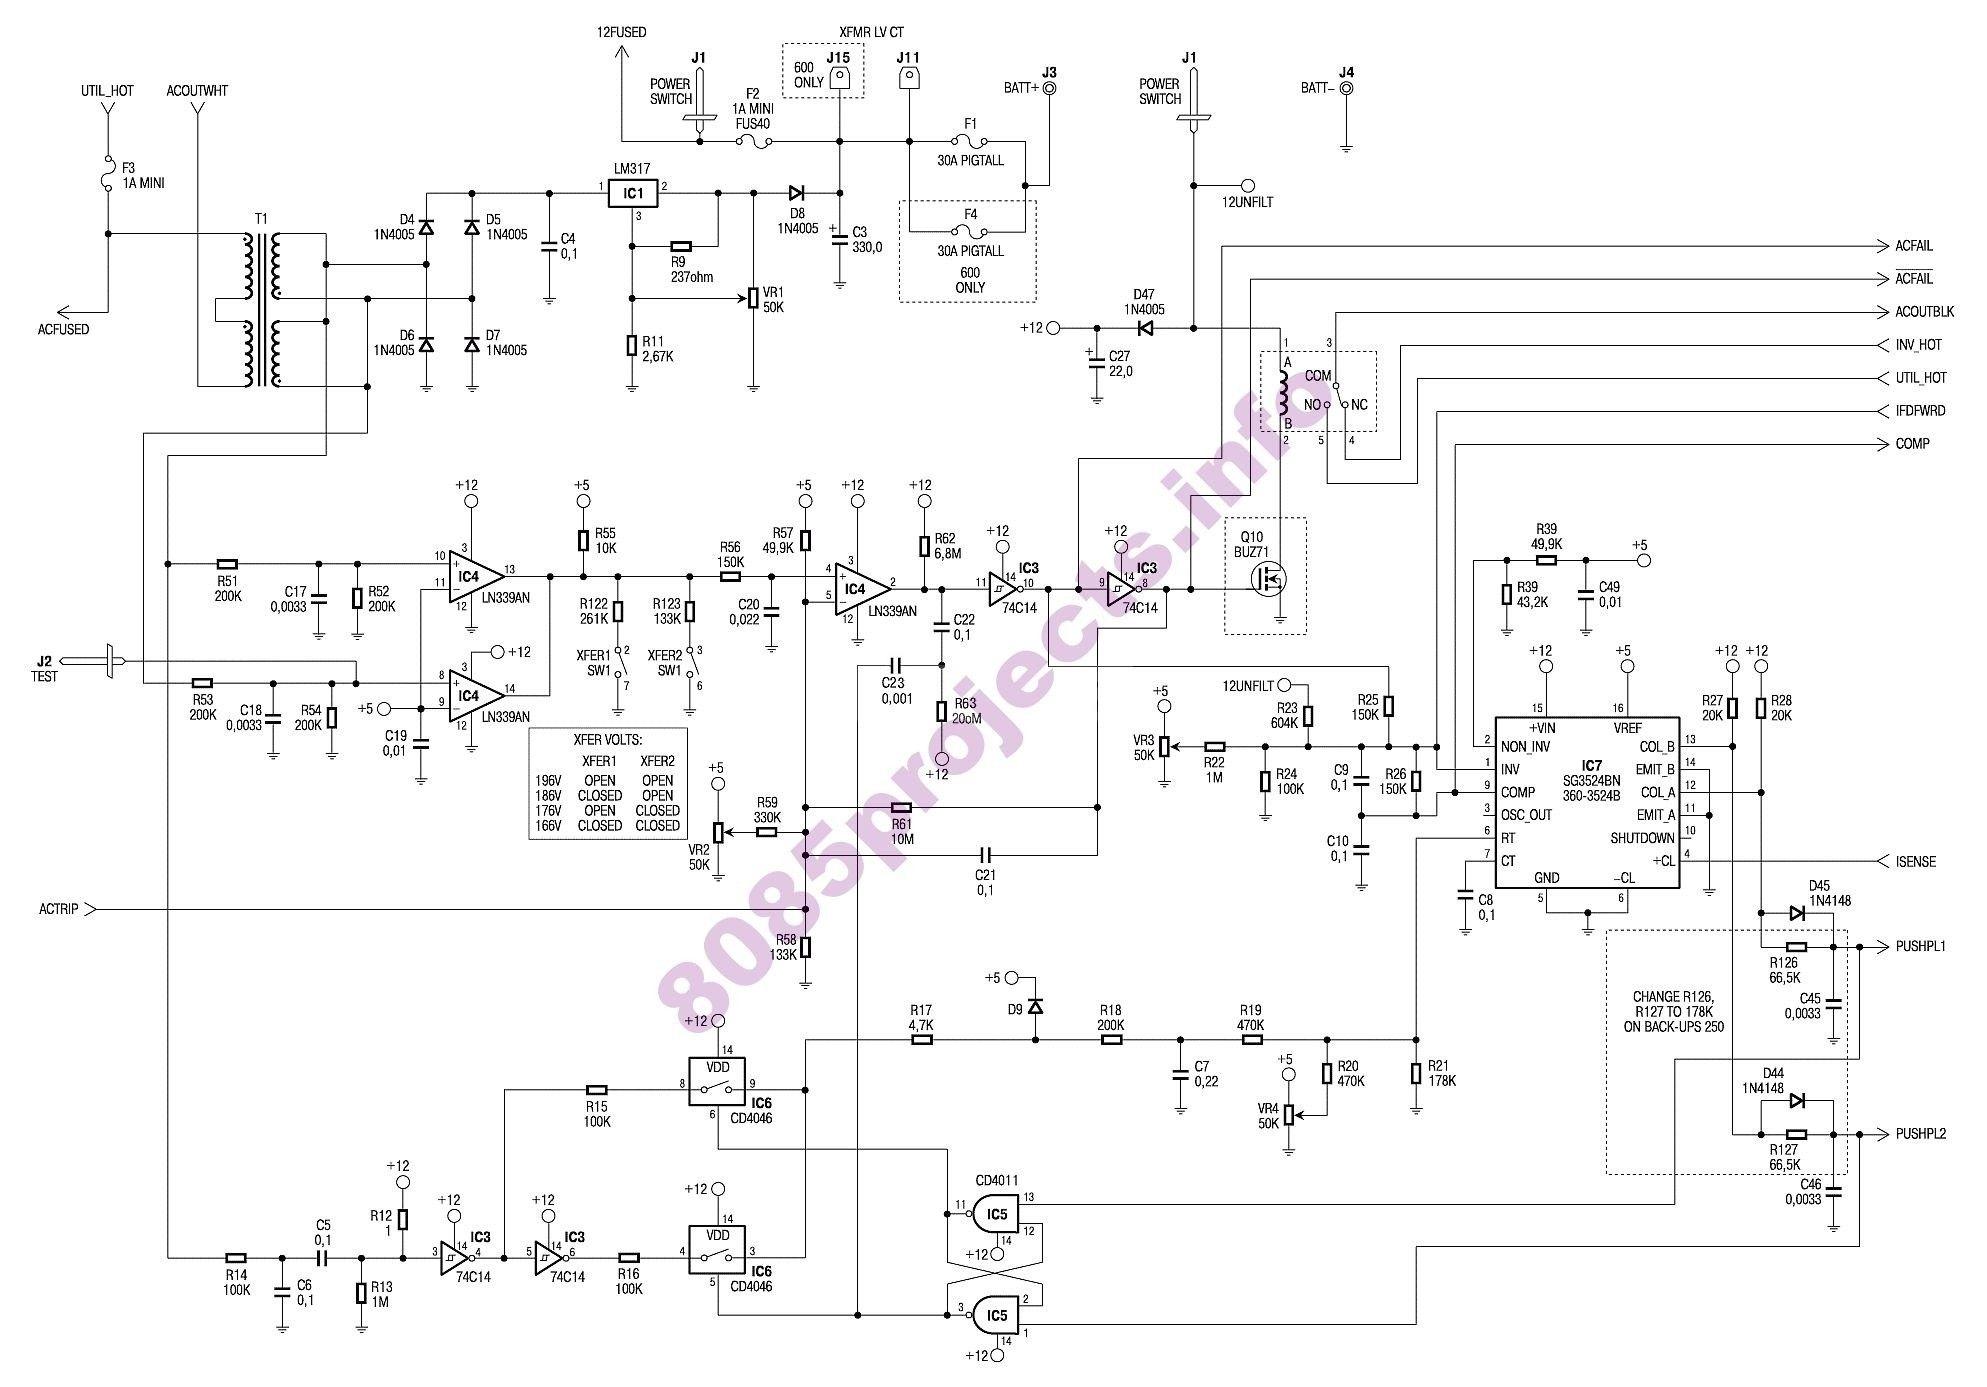 [SCHEMATICS_48ZD]  Unique Wiring Diagram Of Home Ups #diagram #diagramsample #diagramtemplate  #wiringdiagram #diagramchart #worksh… | Circuit diagram, Diagram, Battery  charger circuit | Apc Wiring Diagrams |  | Pinterest